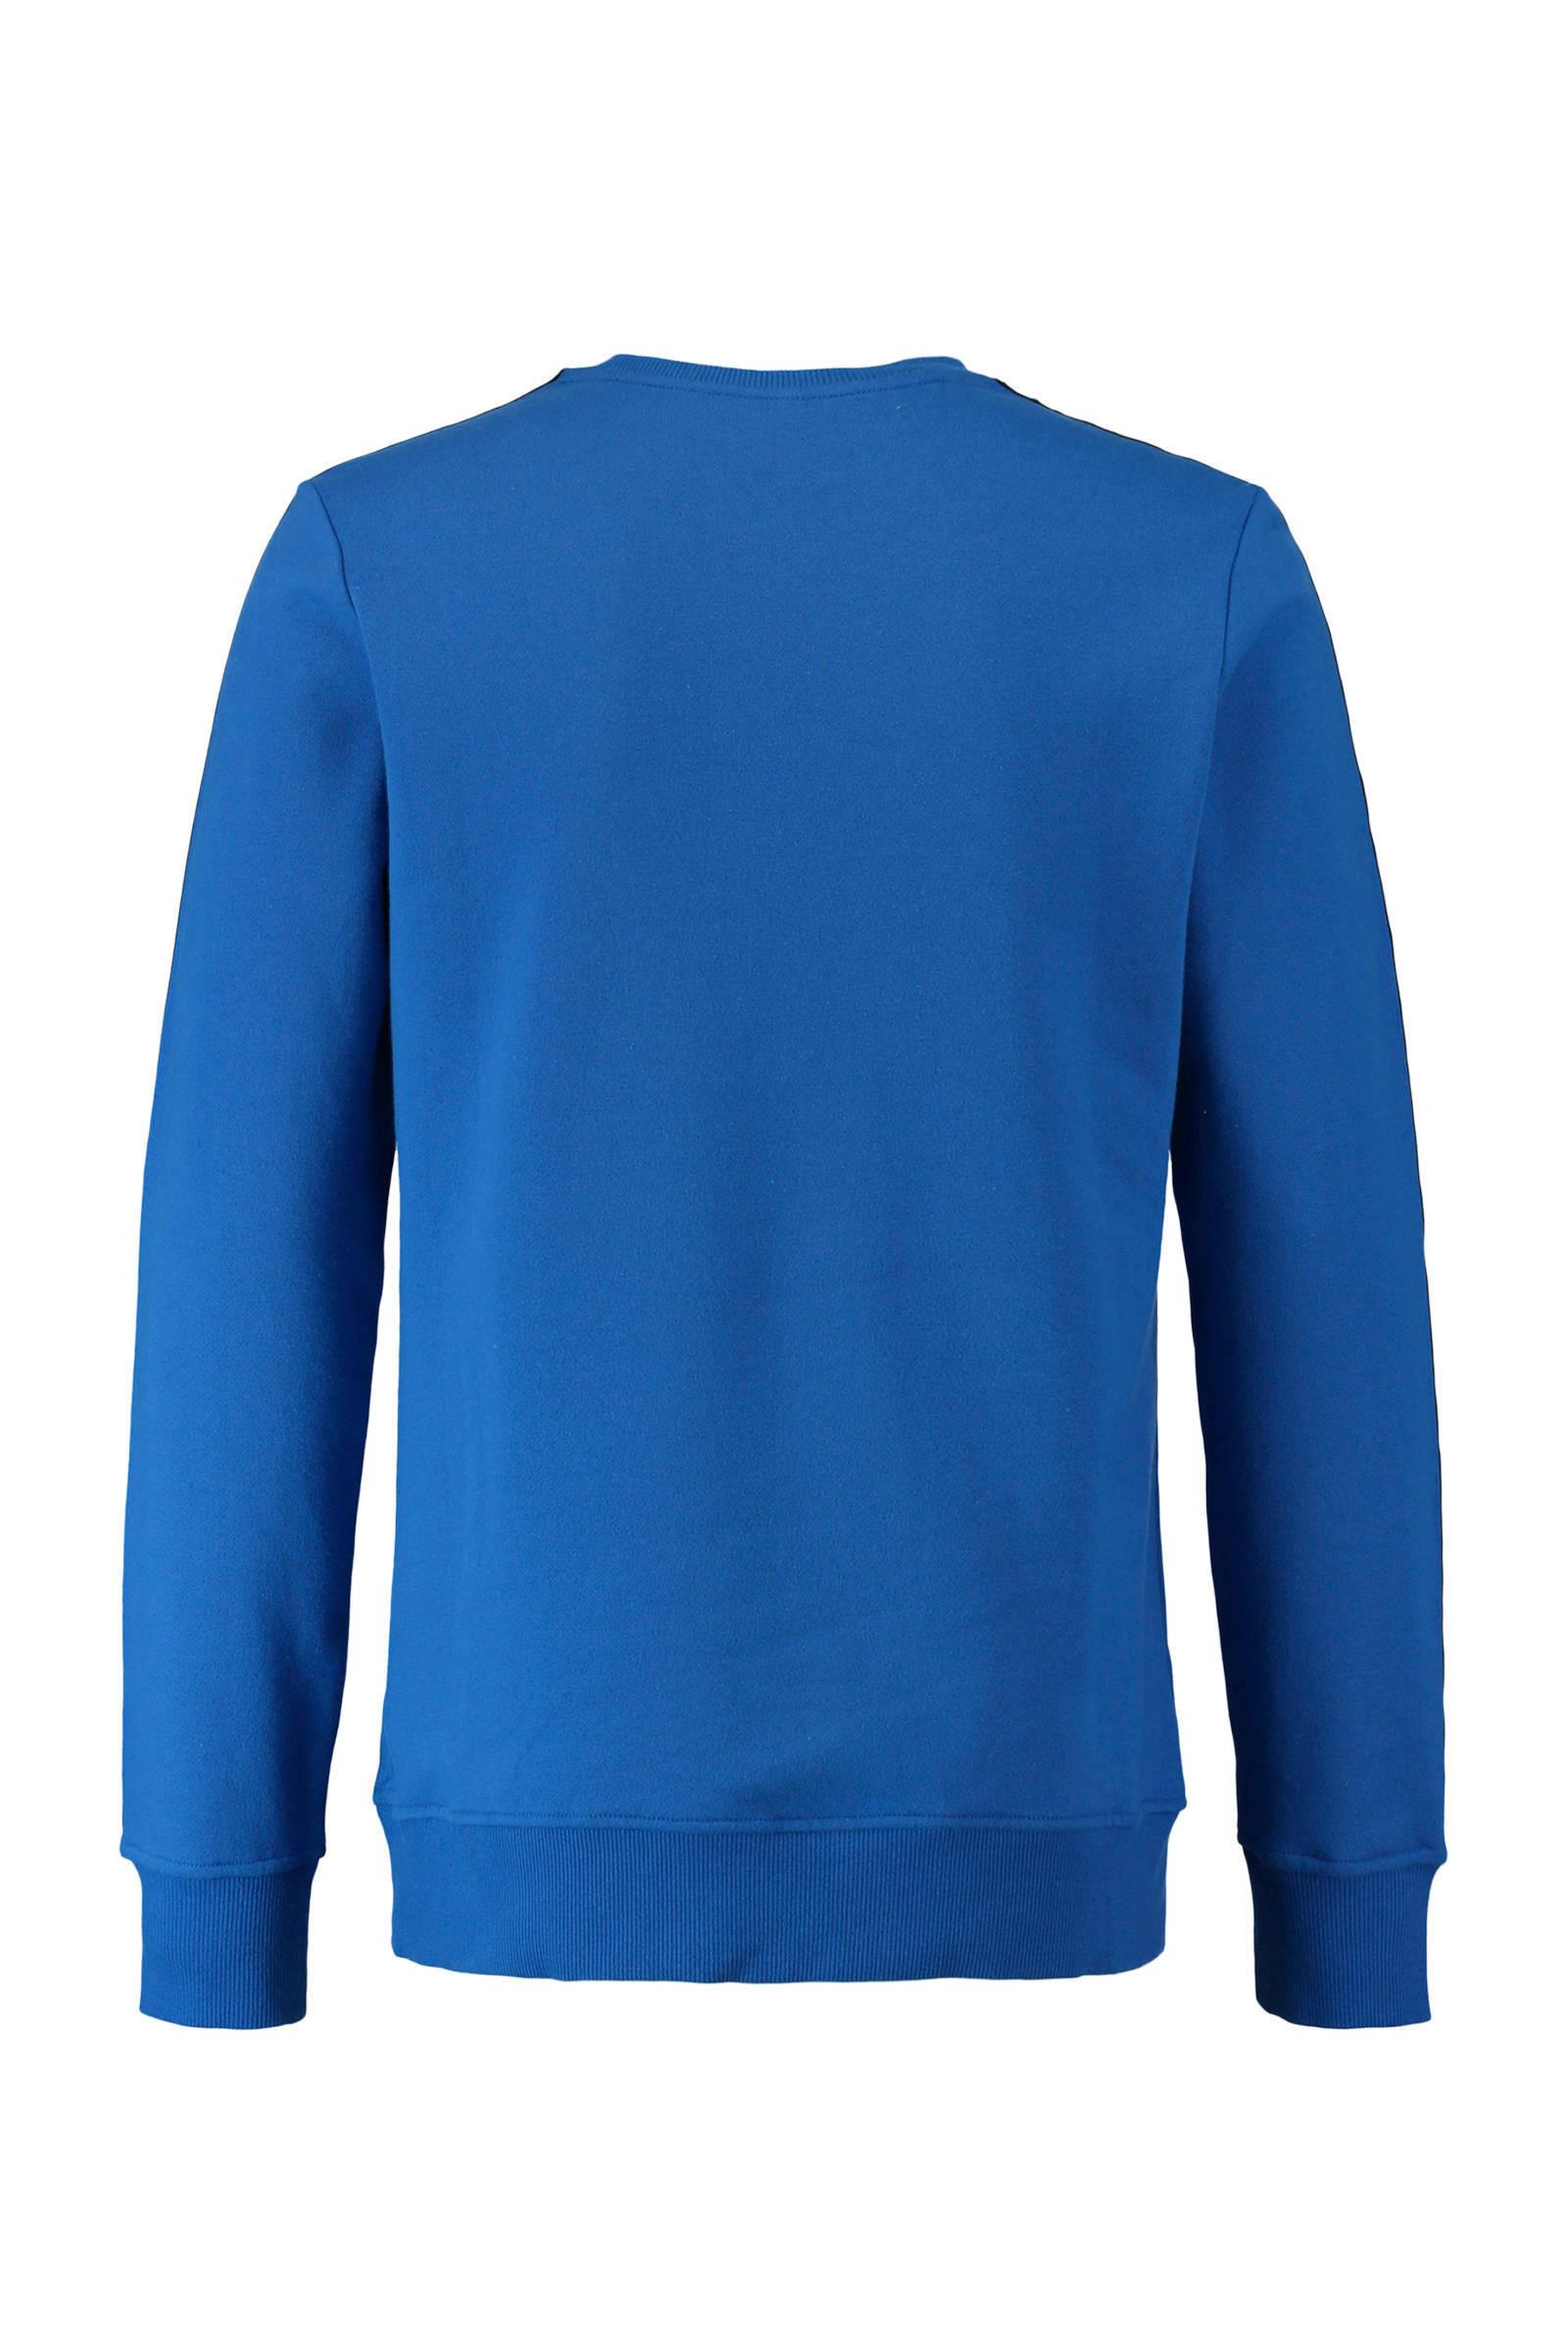 tekst met tekst CoolCat sweater CoolCat CoolCat met sweater sweater qC8aAO